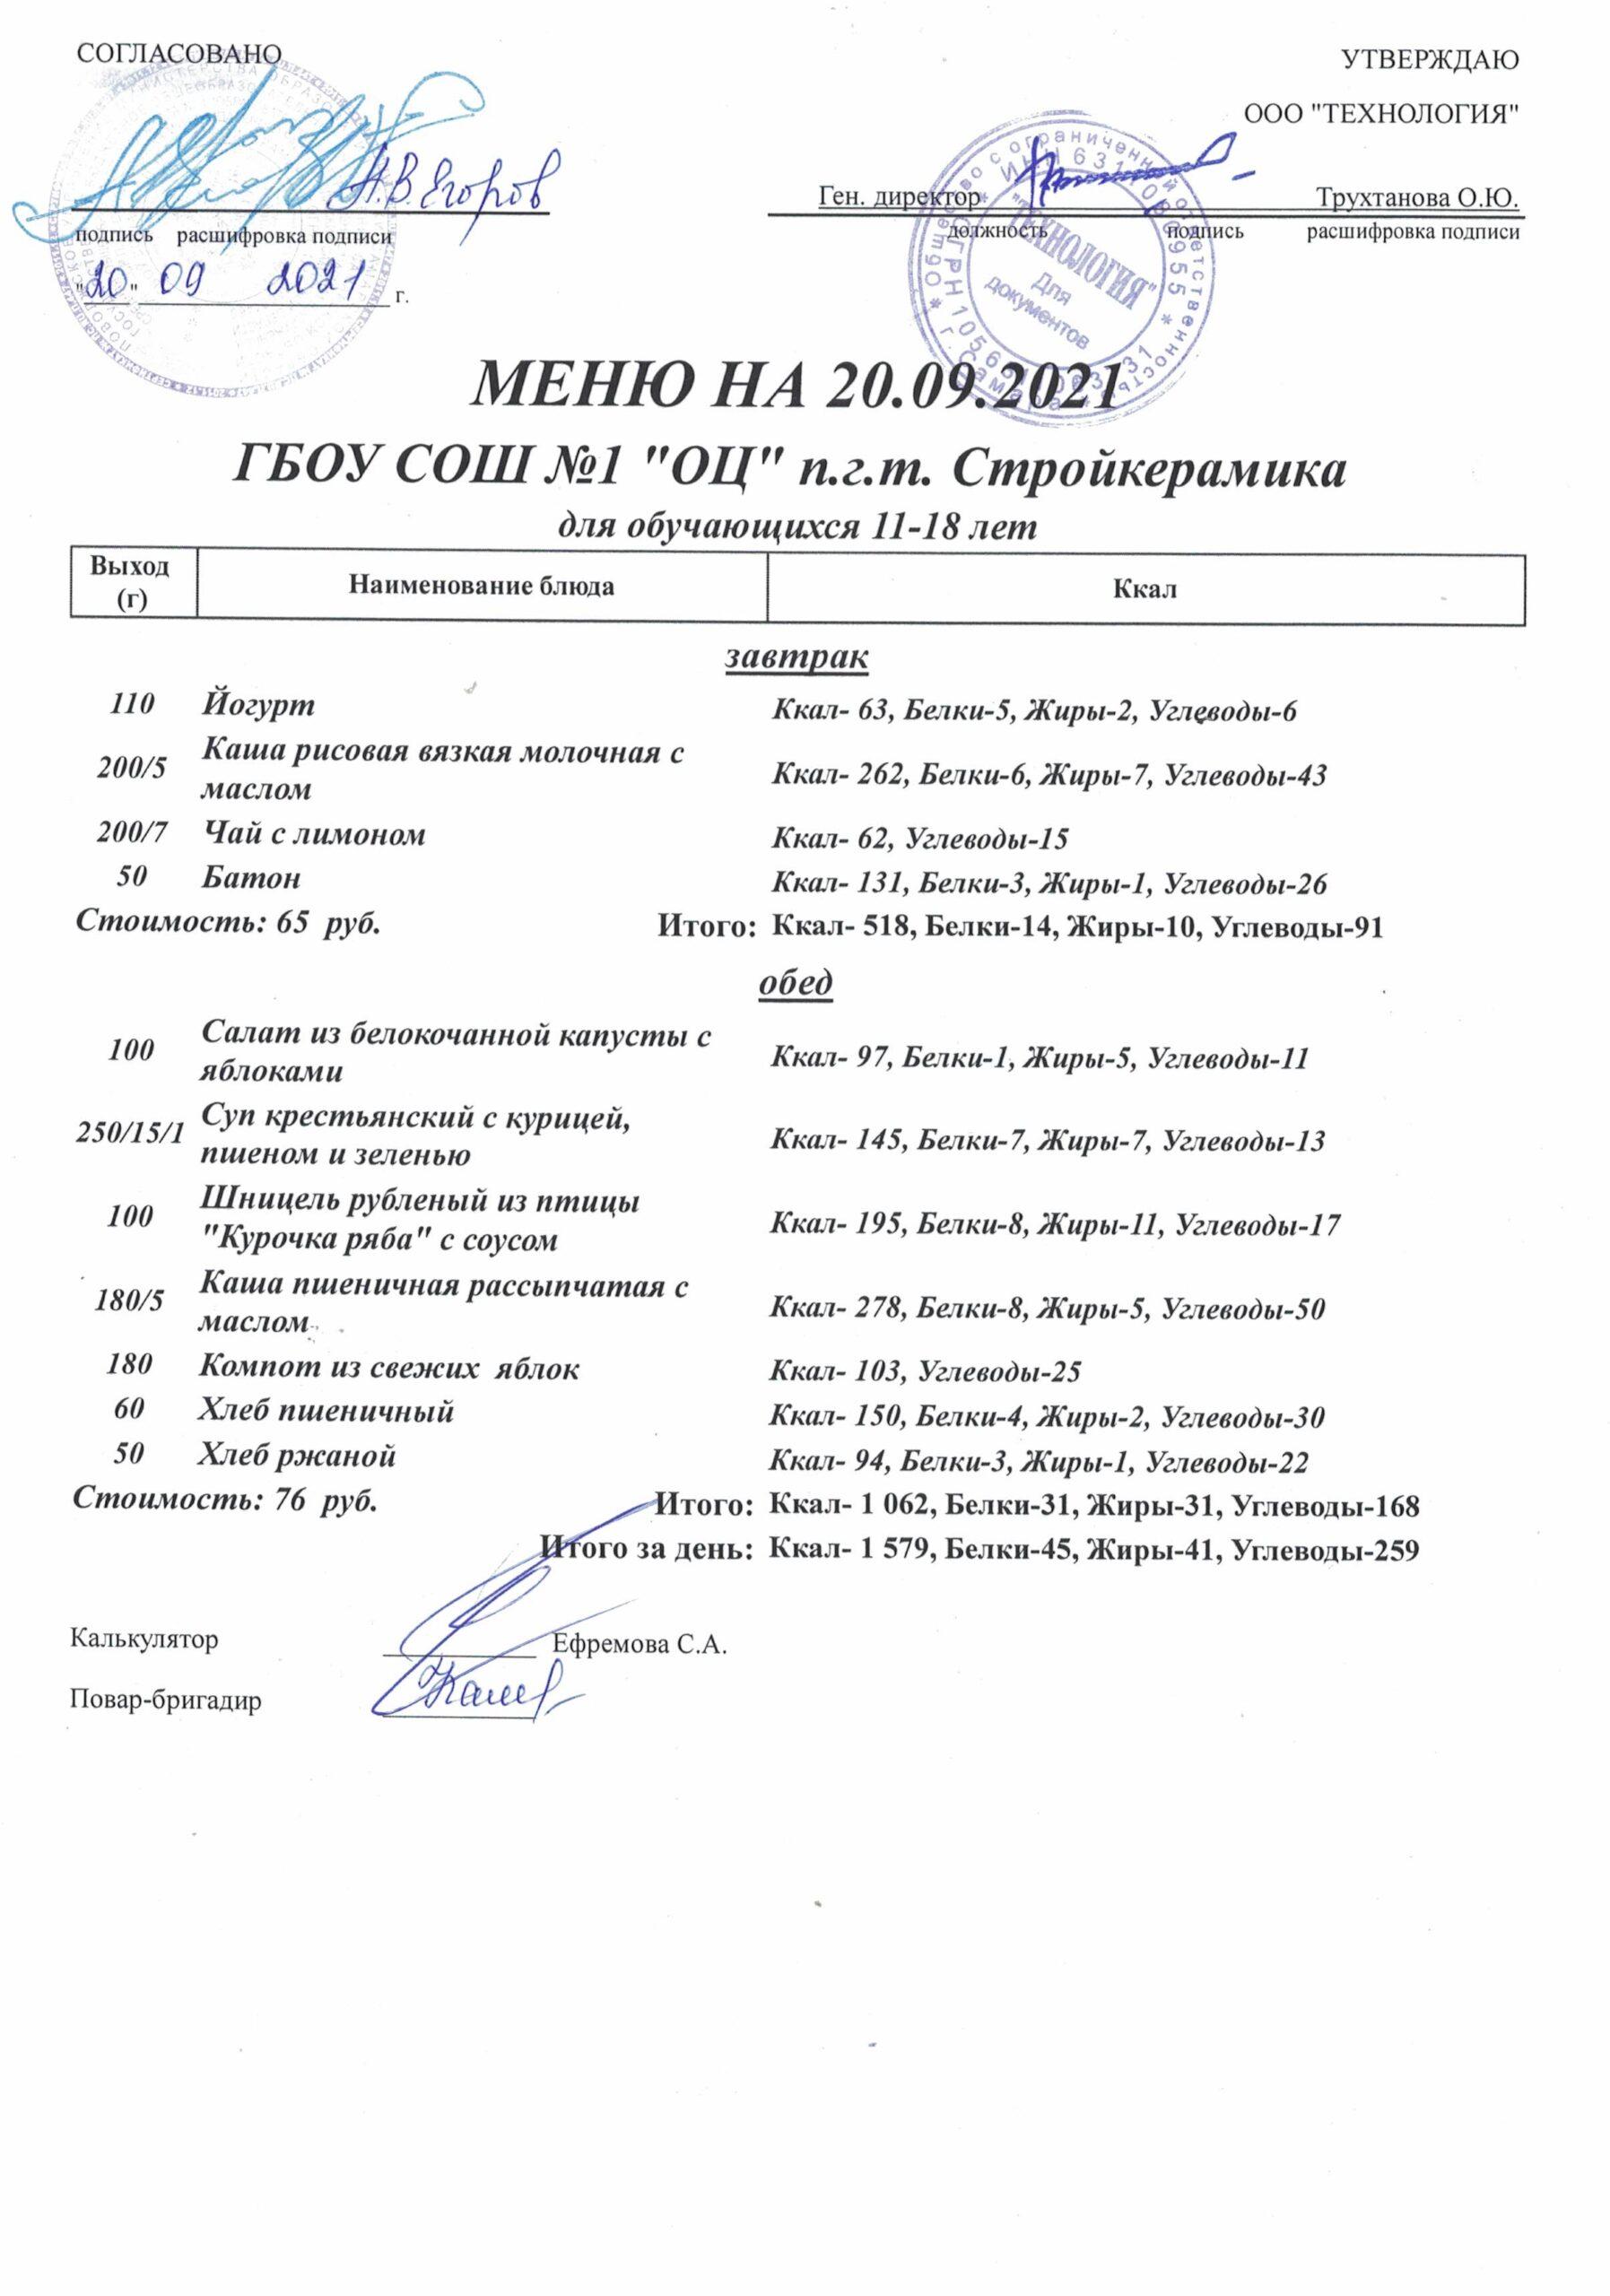 9FBD930A-B105-4AE4-A158-023FB086E5FA